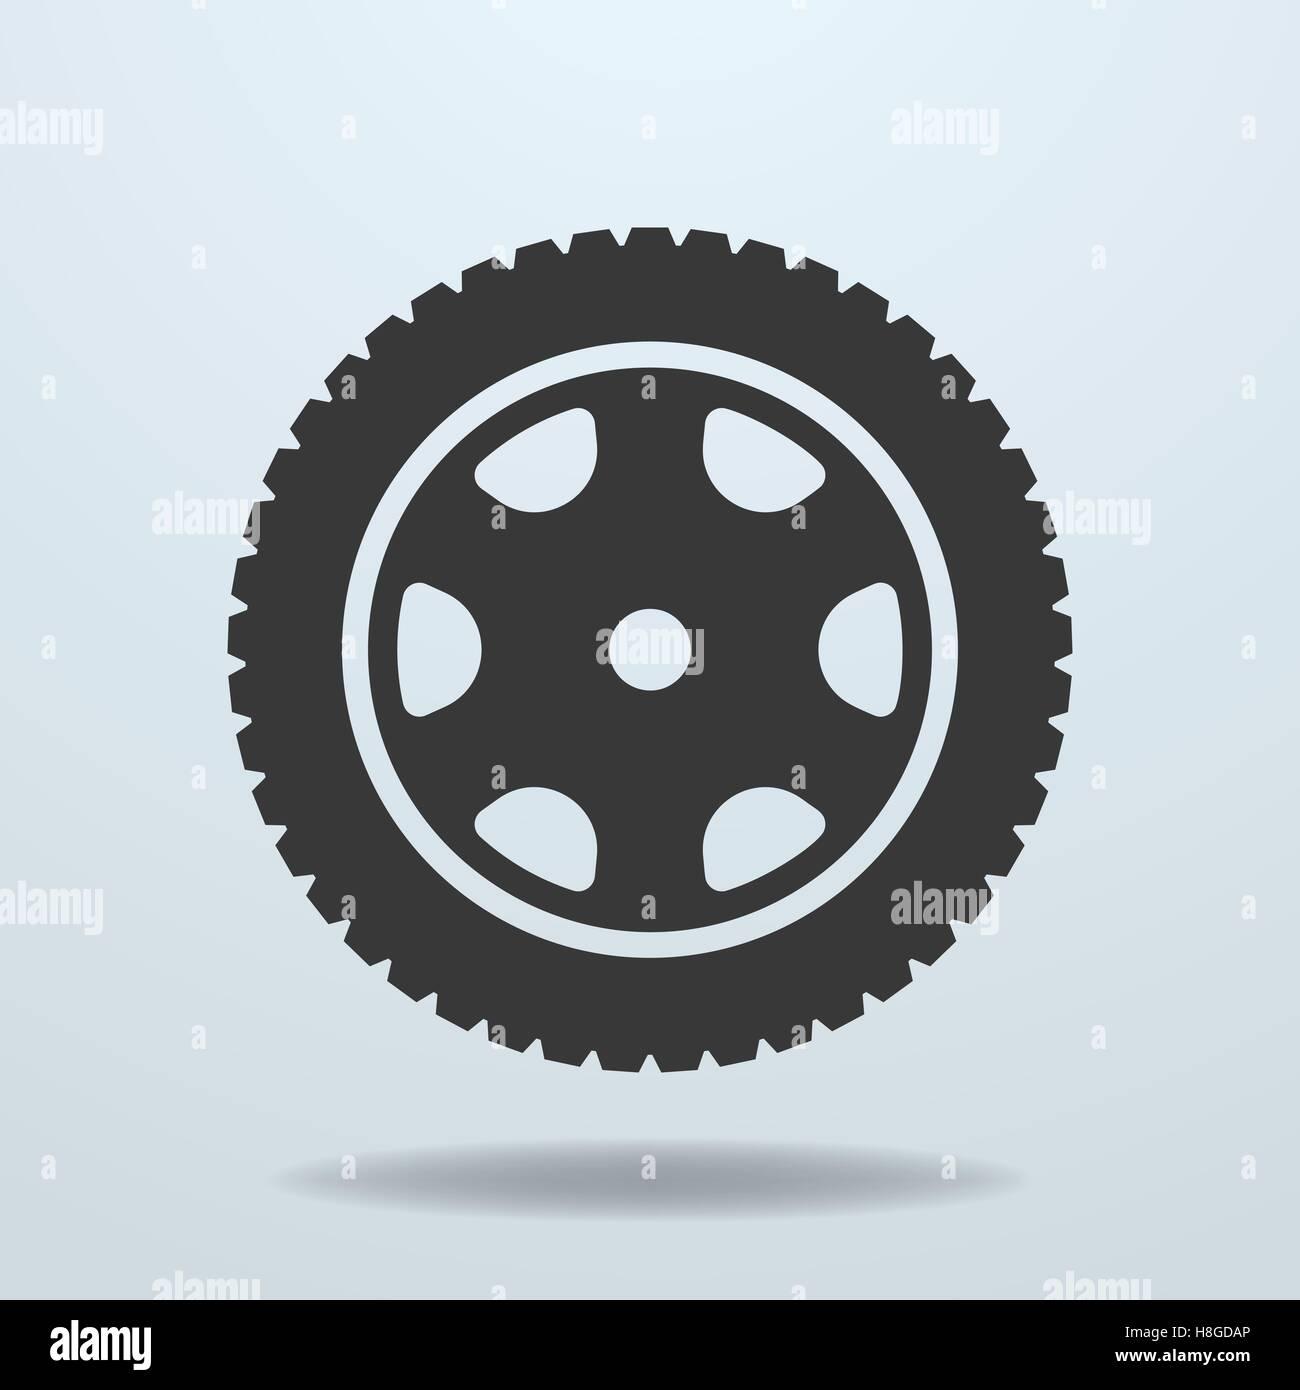 Car wheel icon. Car tire, rim. - Stock Vector